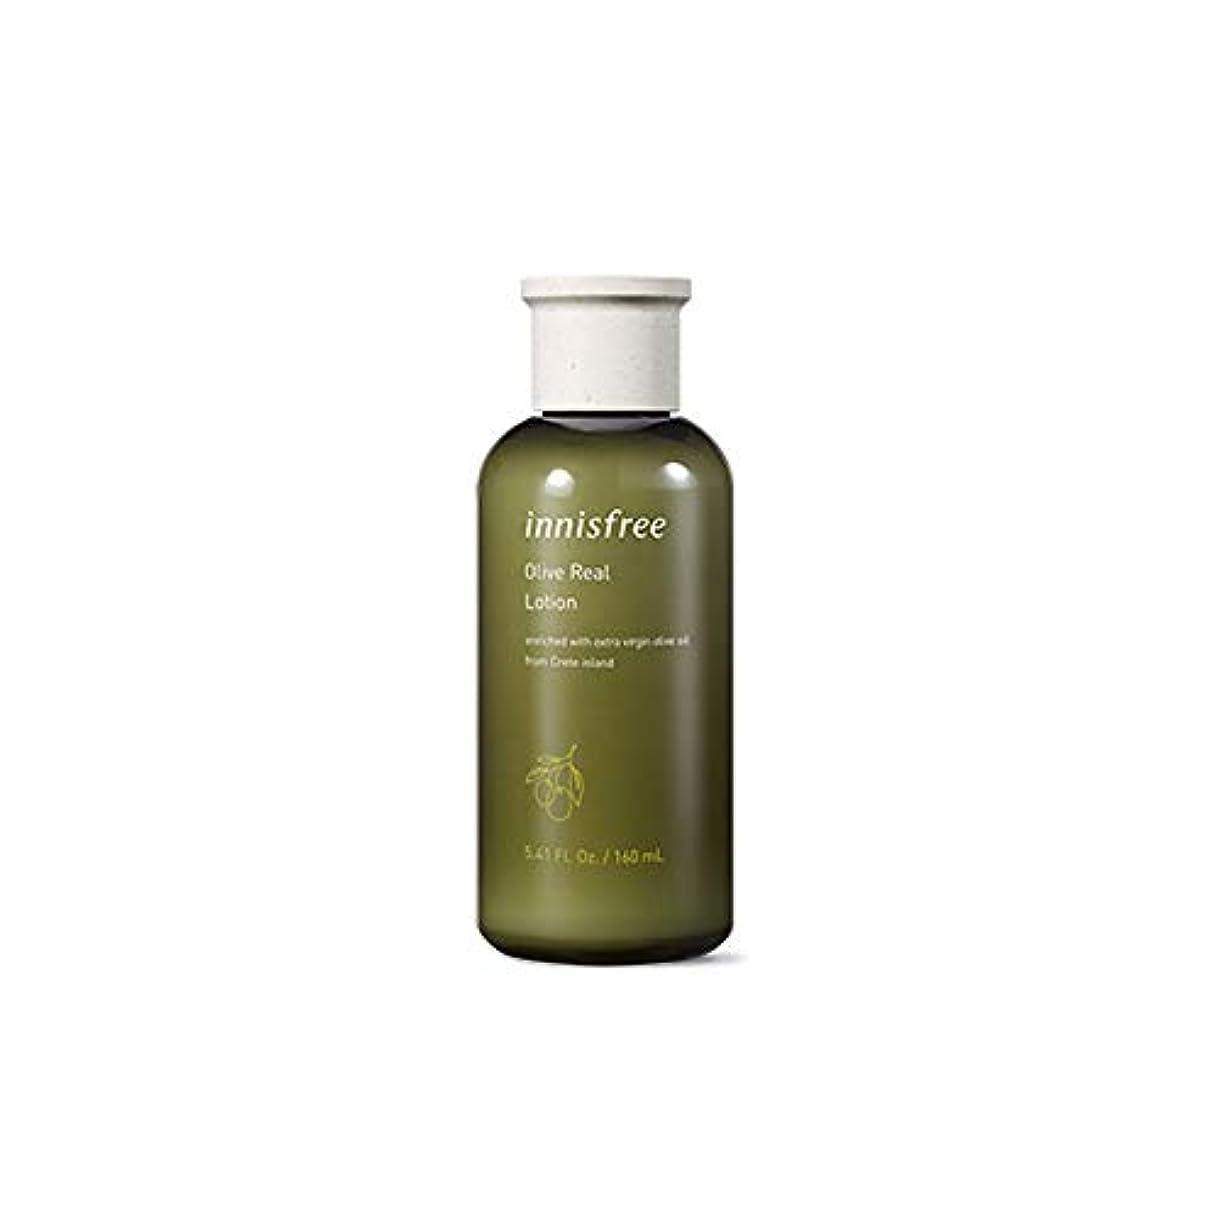 錆びセンブランス通常NEW[イニスフリー] Innisfree オリーブリアルローション乳液EX(160ml) Innisfree Olive Real Lotion(160ml)EX [海外直送品]